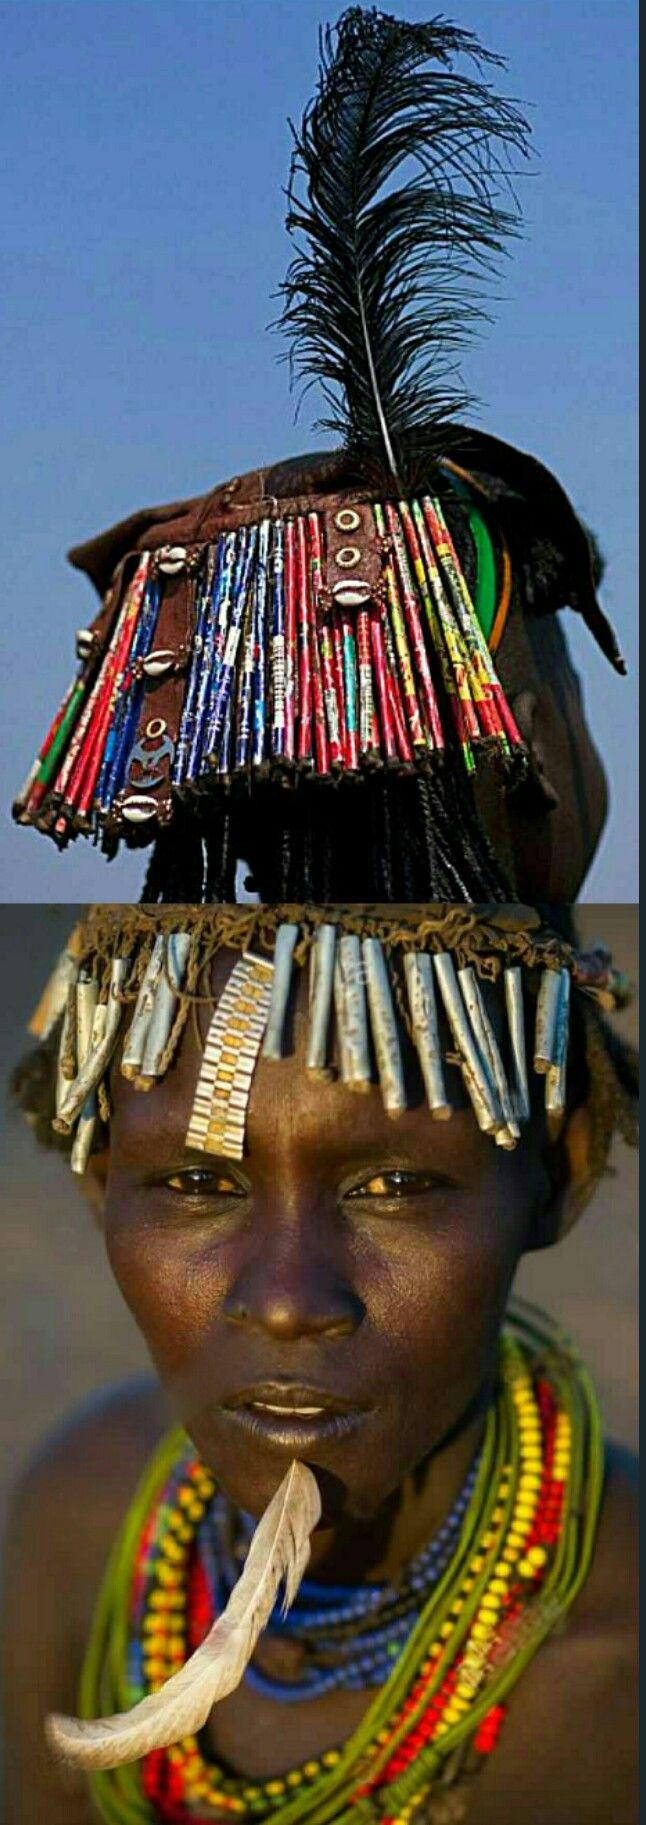 Dassanech hoofddeksel. (gemaakt in Oromiya) | Ethiopië